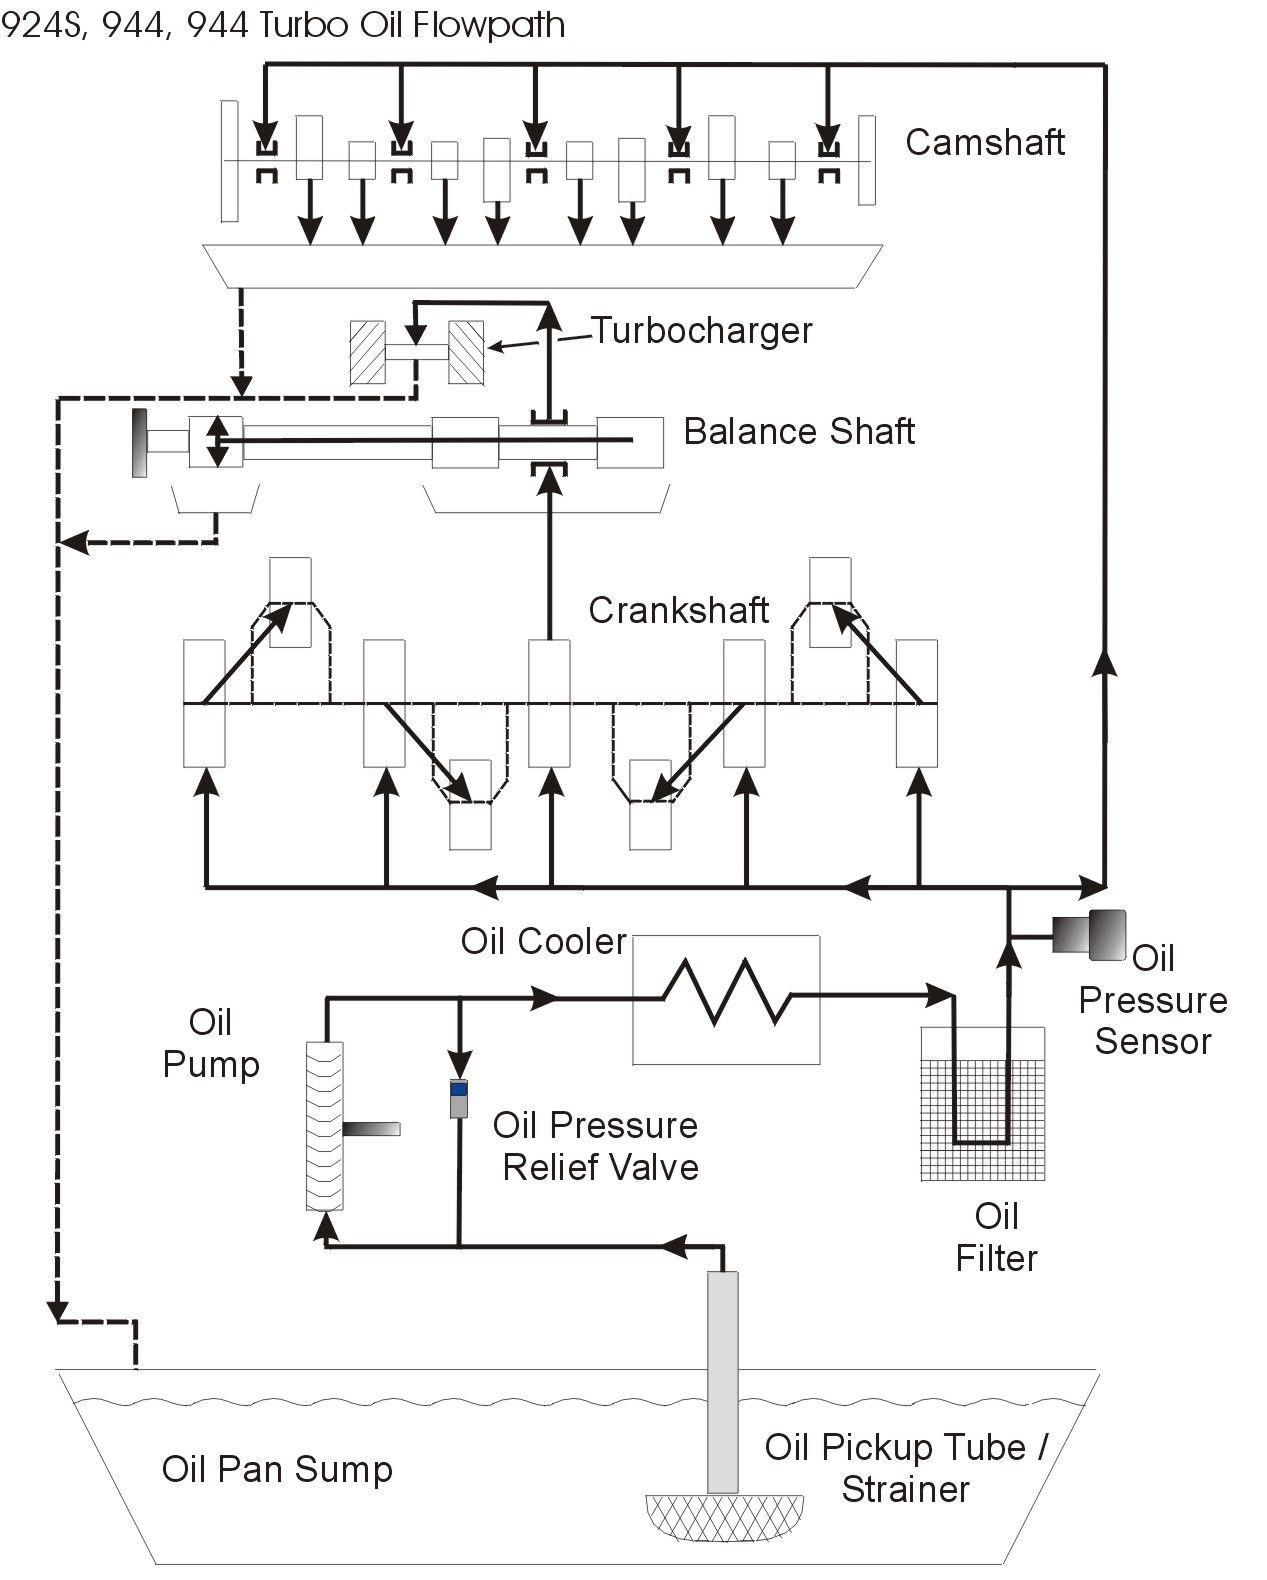 oil flow diagram 944 porsche porsche 944 cars car engine oil flow diagram [ 1267 x 1580 Pixel ]